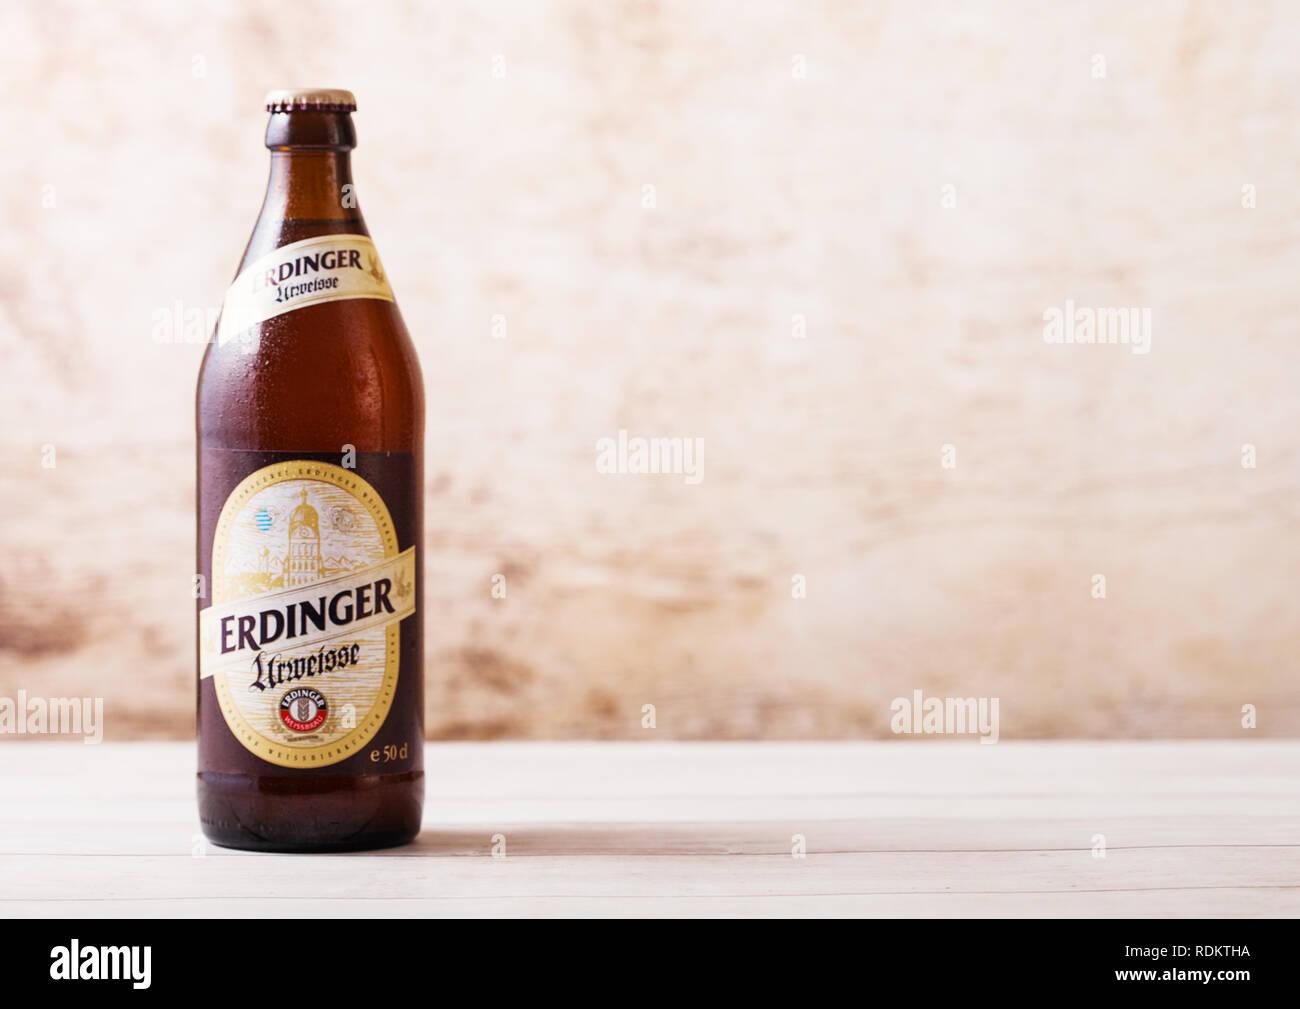 LONDON, UK, 15. JANUAR 2019: Flasche Erdinger Urweisse Bier auf Holz- Hintergrund. Erdinger ist das Produkt der weltweit größten Weißbierbrauerei Stockbild